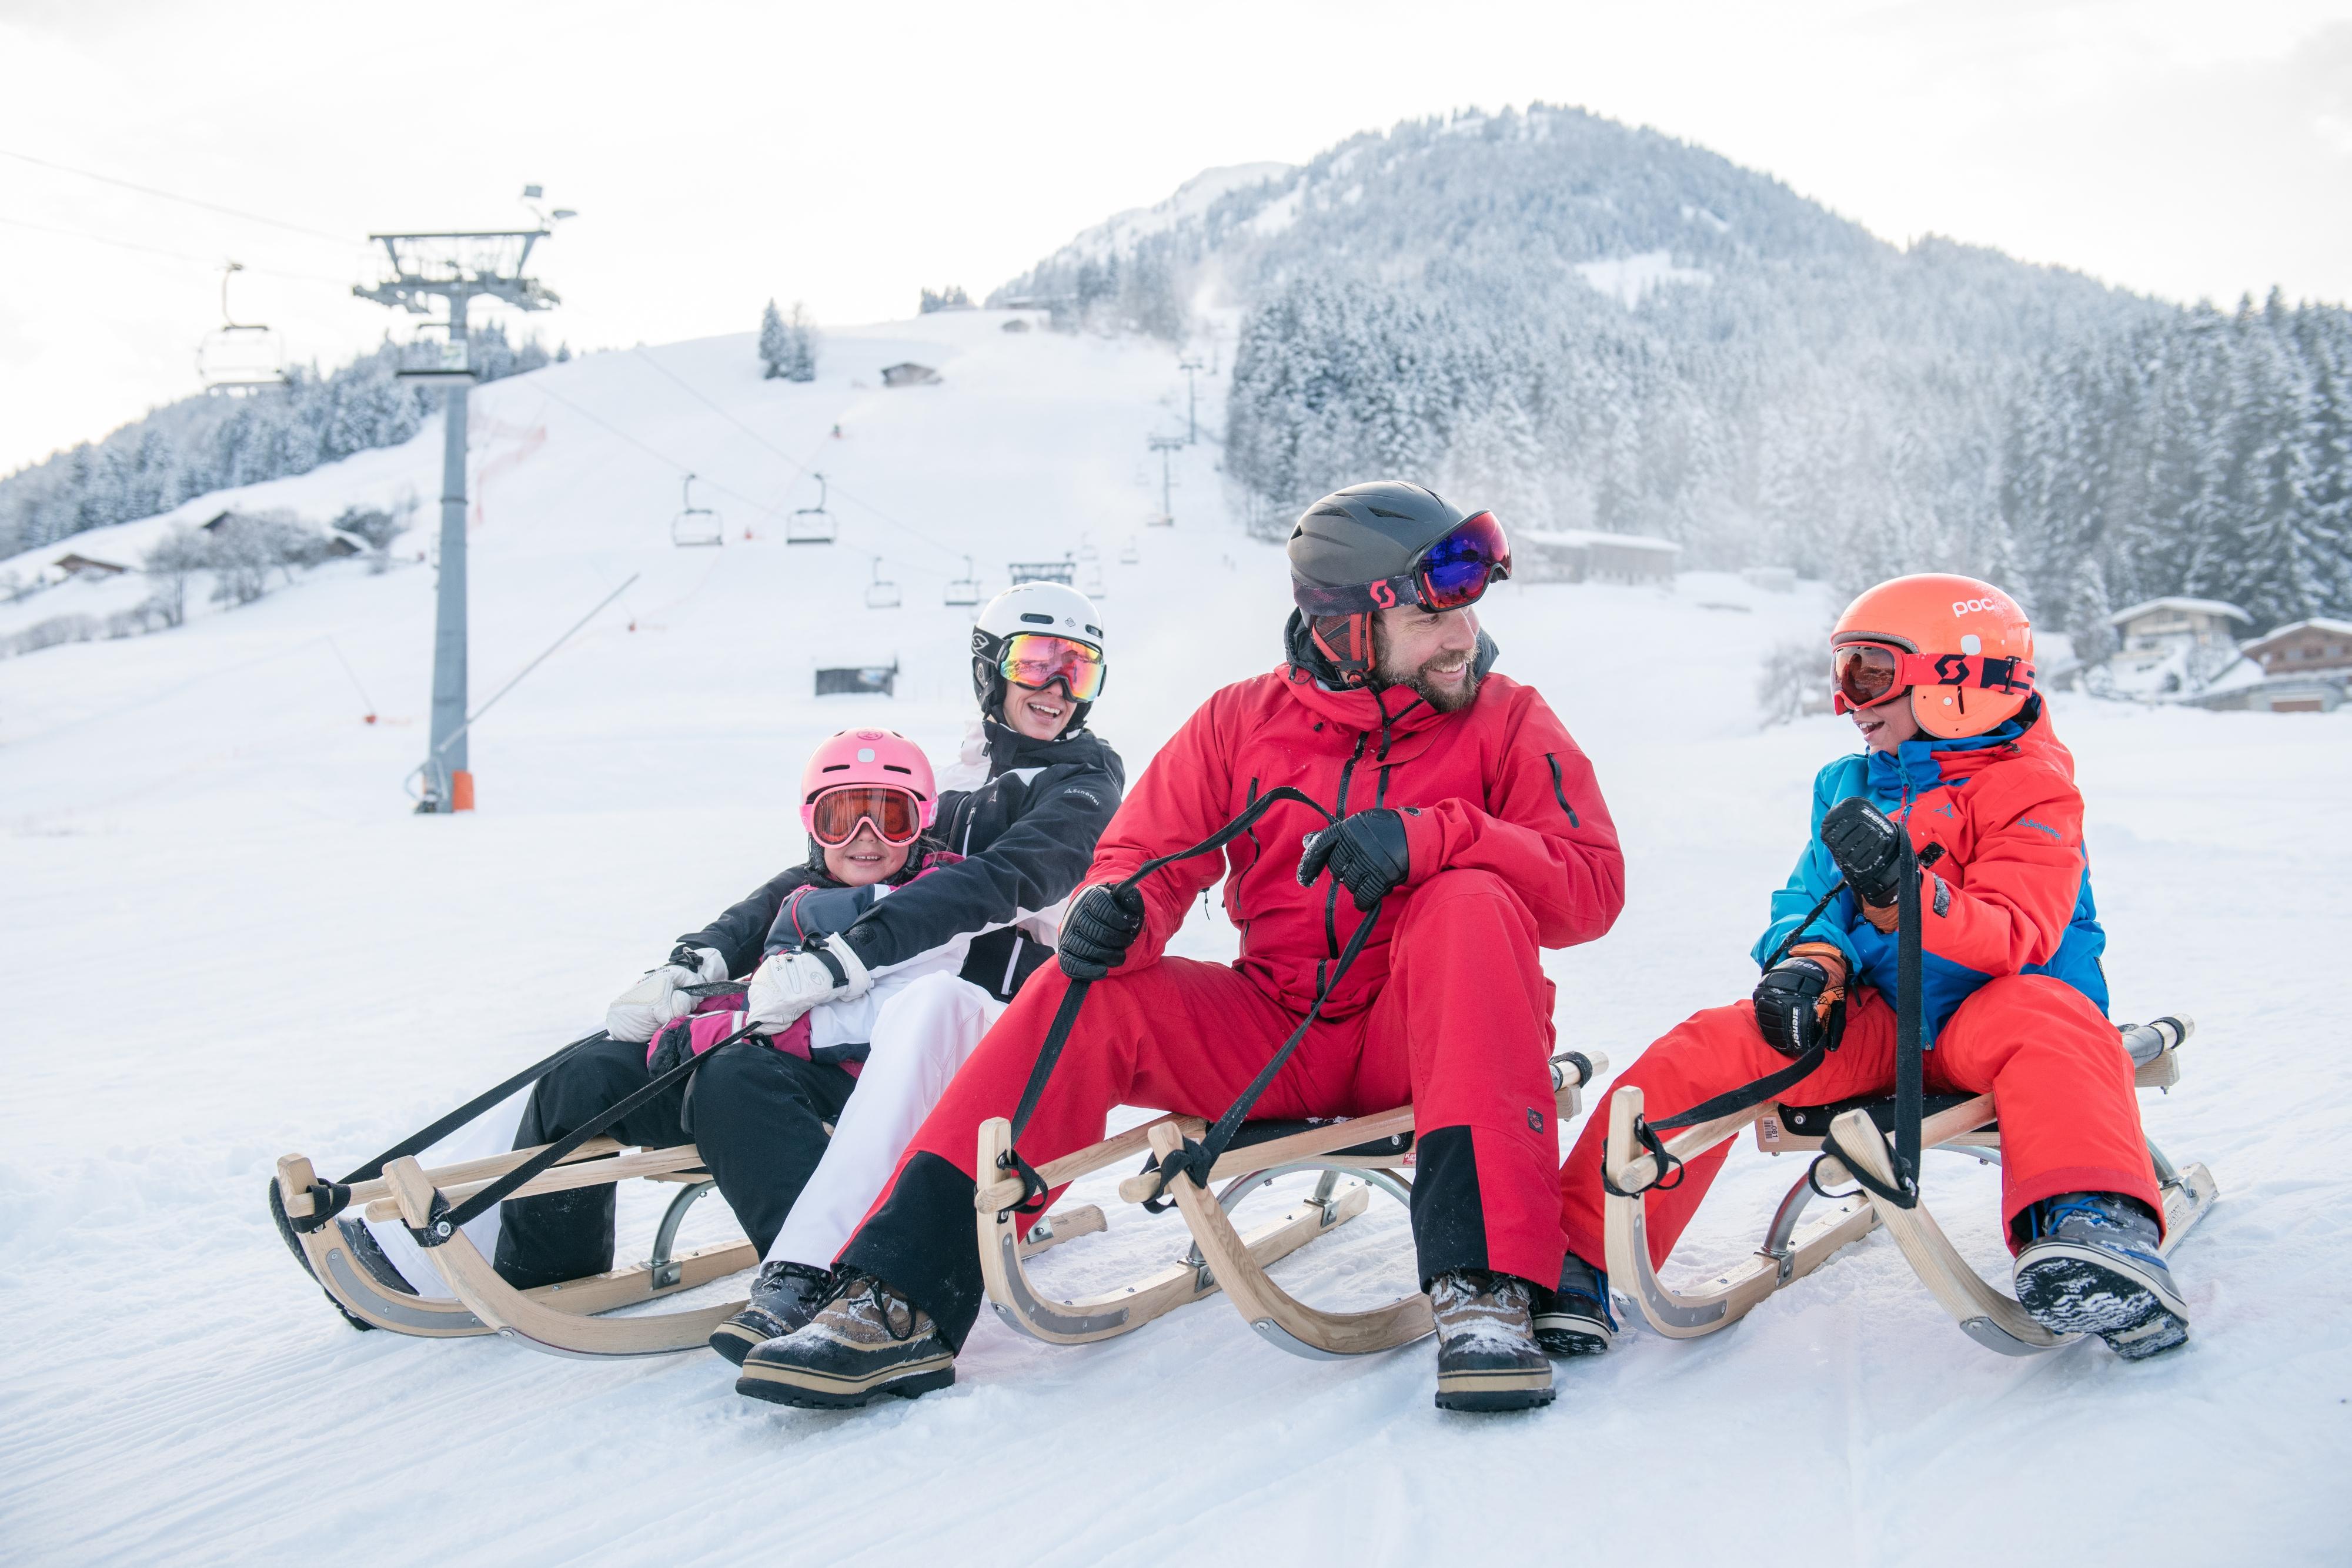 Rodeln mit Familie und Kinder Mädchen Junge Schlittenfahren